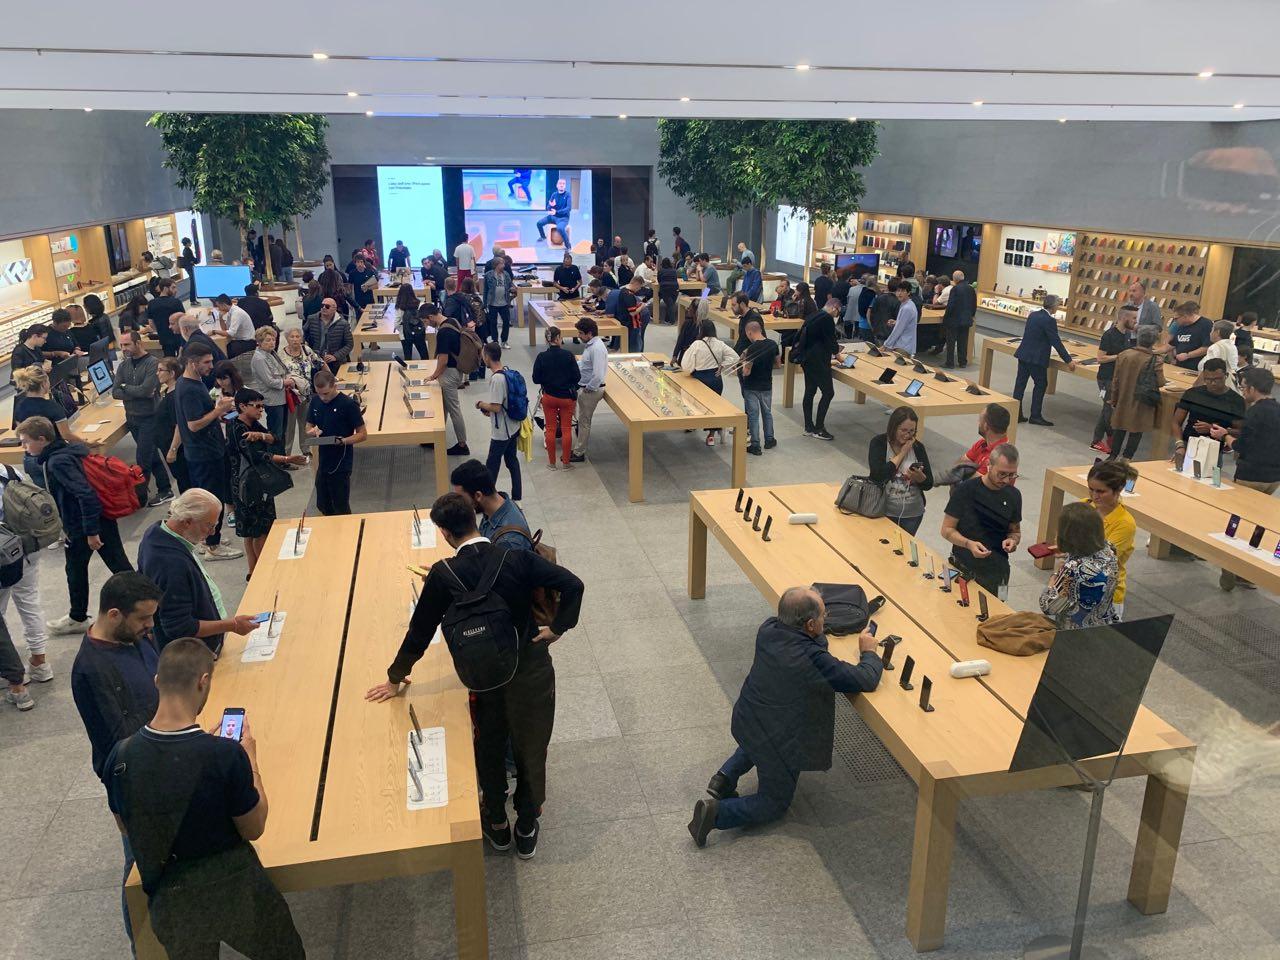 risultati apple q4 2019 - foto apple store liberty milano